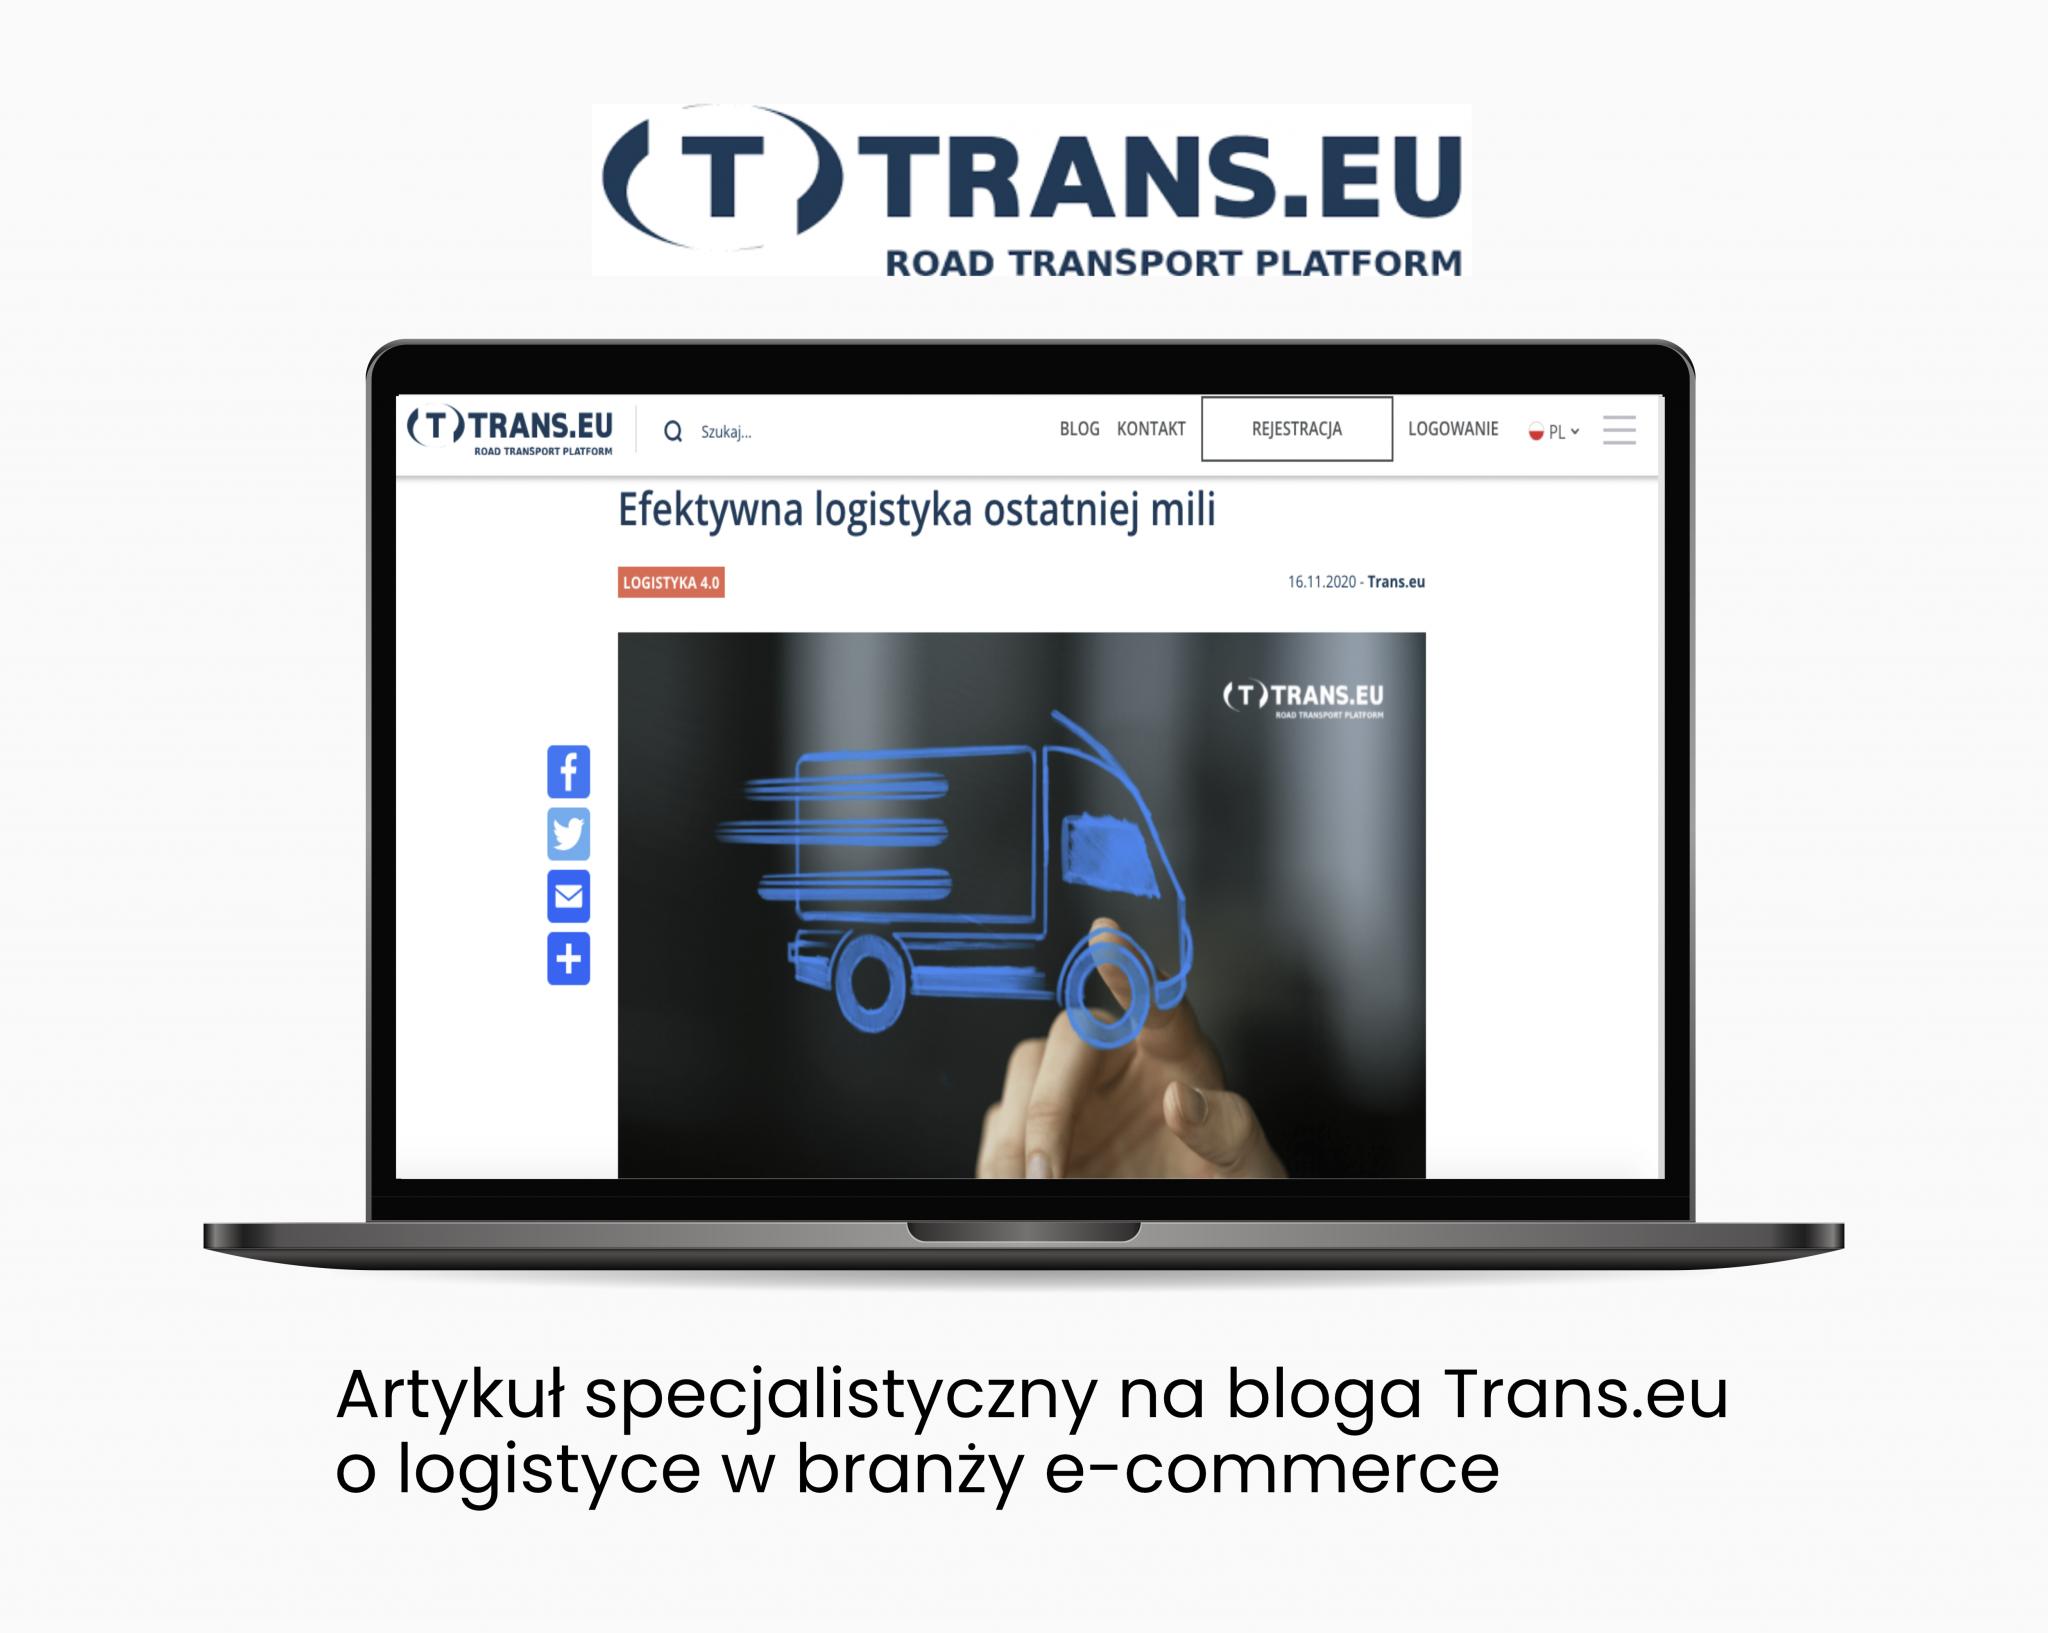 Trans.eu – art. specjalistyczny - Portfolio copywriterskie Verbal Fairy